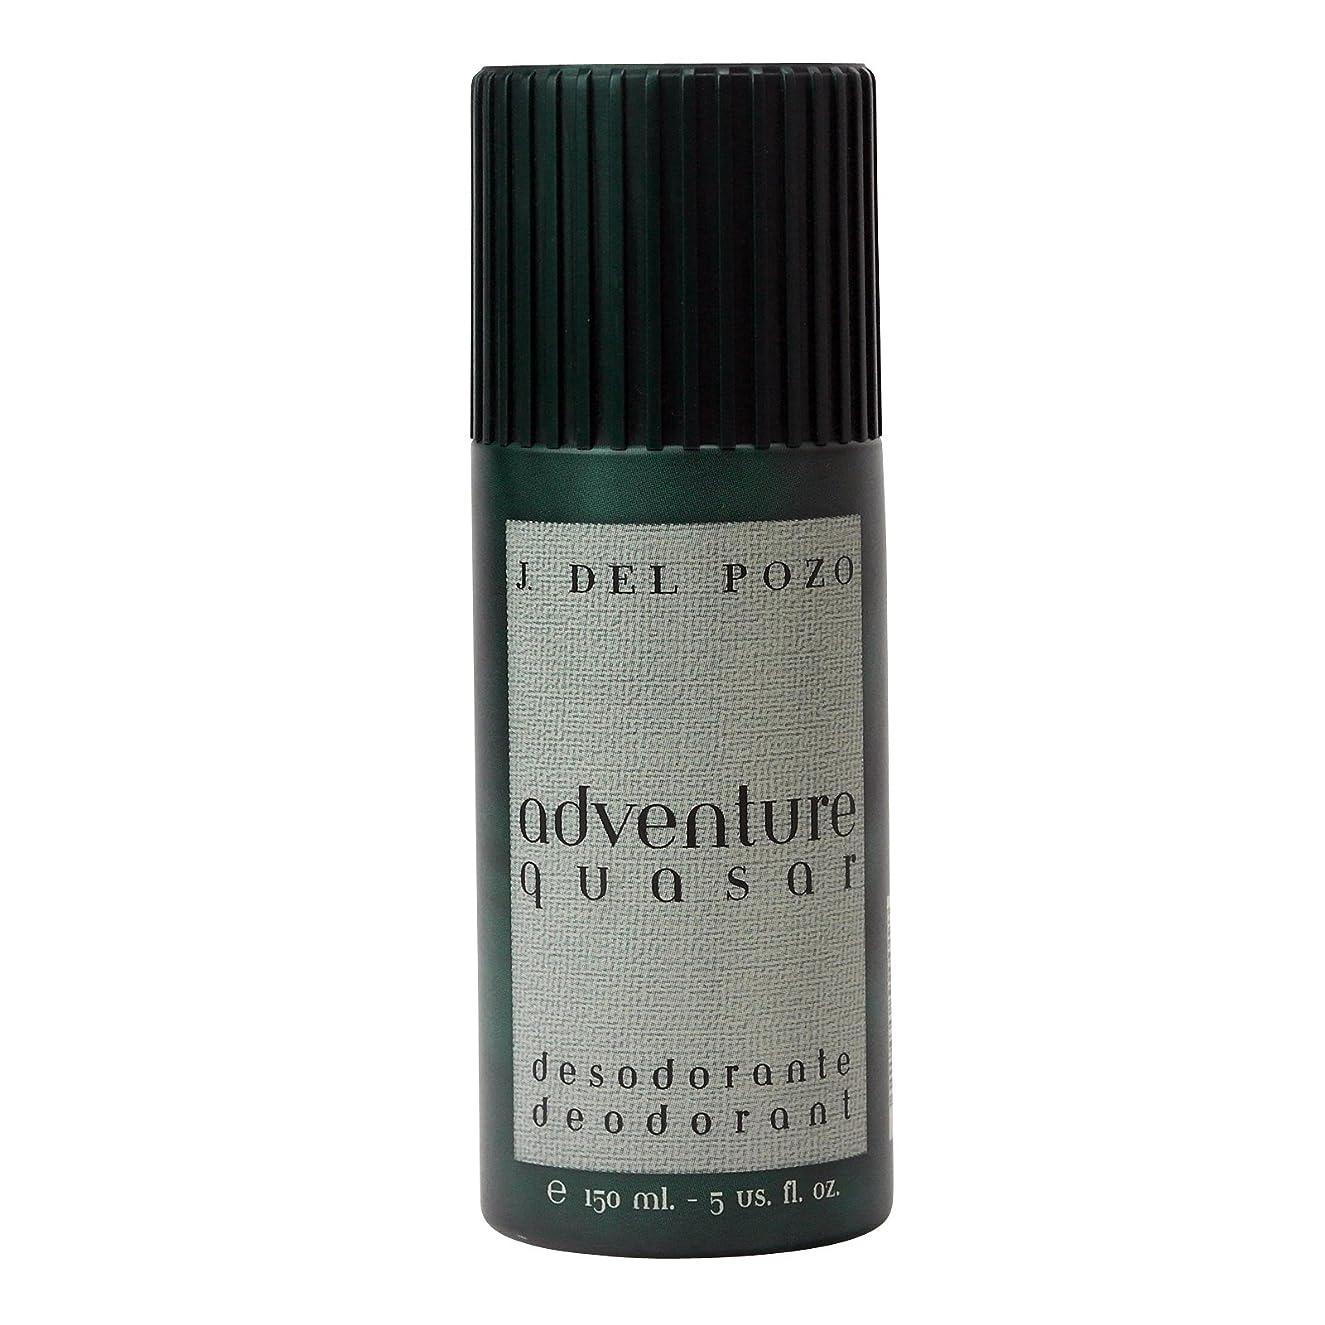 視力イソギンチャクキャンドルAdventure Quasar (アドベンチャー クエイサー) 5.0 oz (150ml) Deodorant Spray by J. Del Pozo for Men